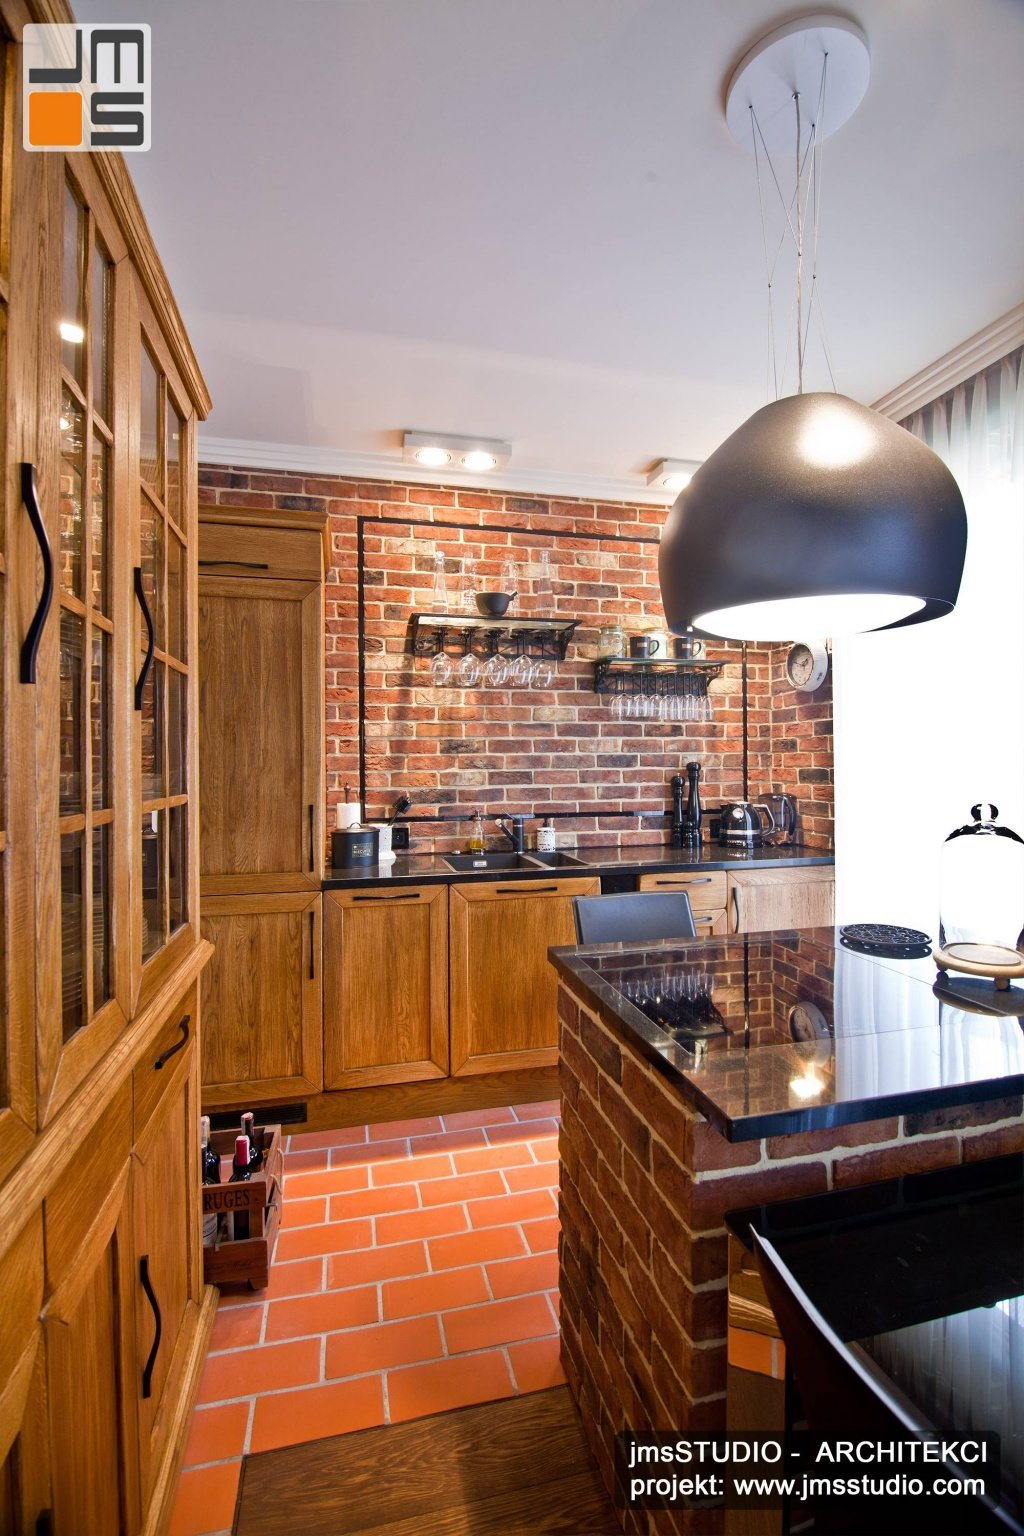 Meble dębowe w projekt wnętrz mieszkania o klimacie rustykalnym to pomysł na meble kuchenne pasujące do dekoracja cegła na ścianie.